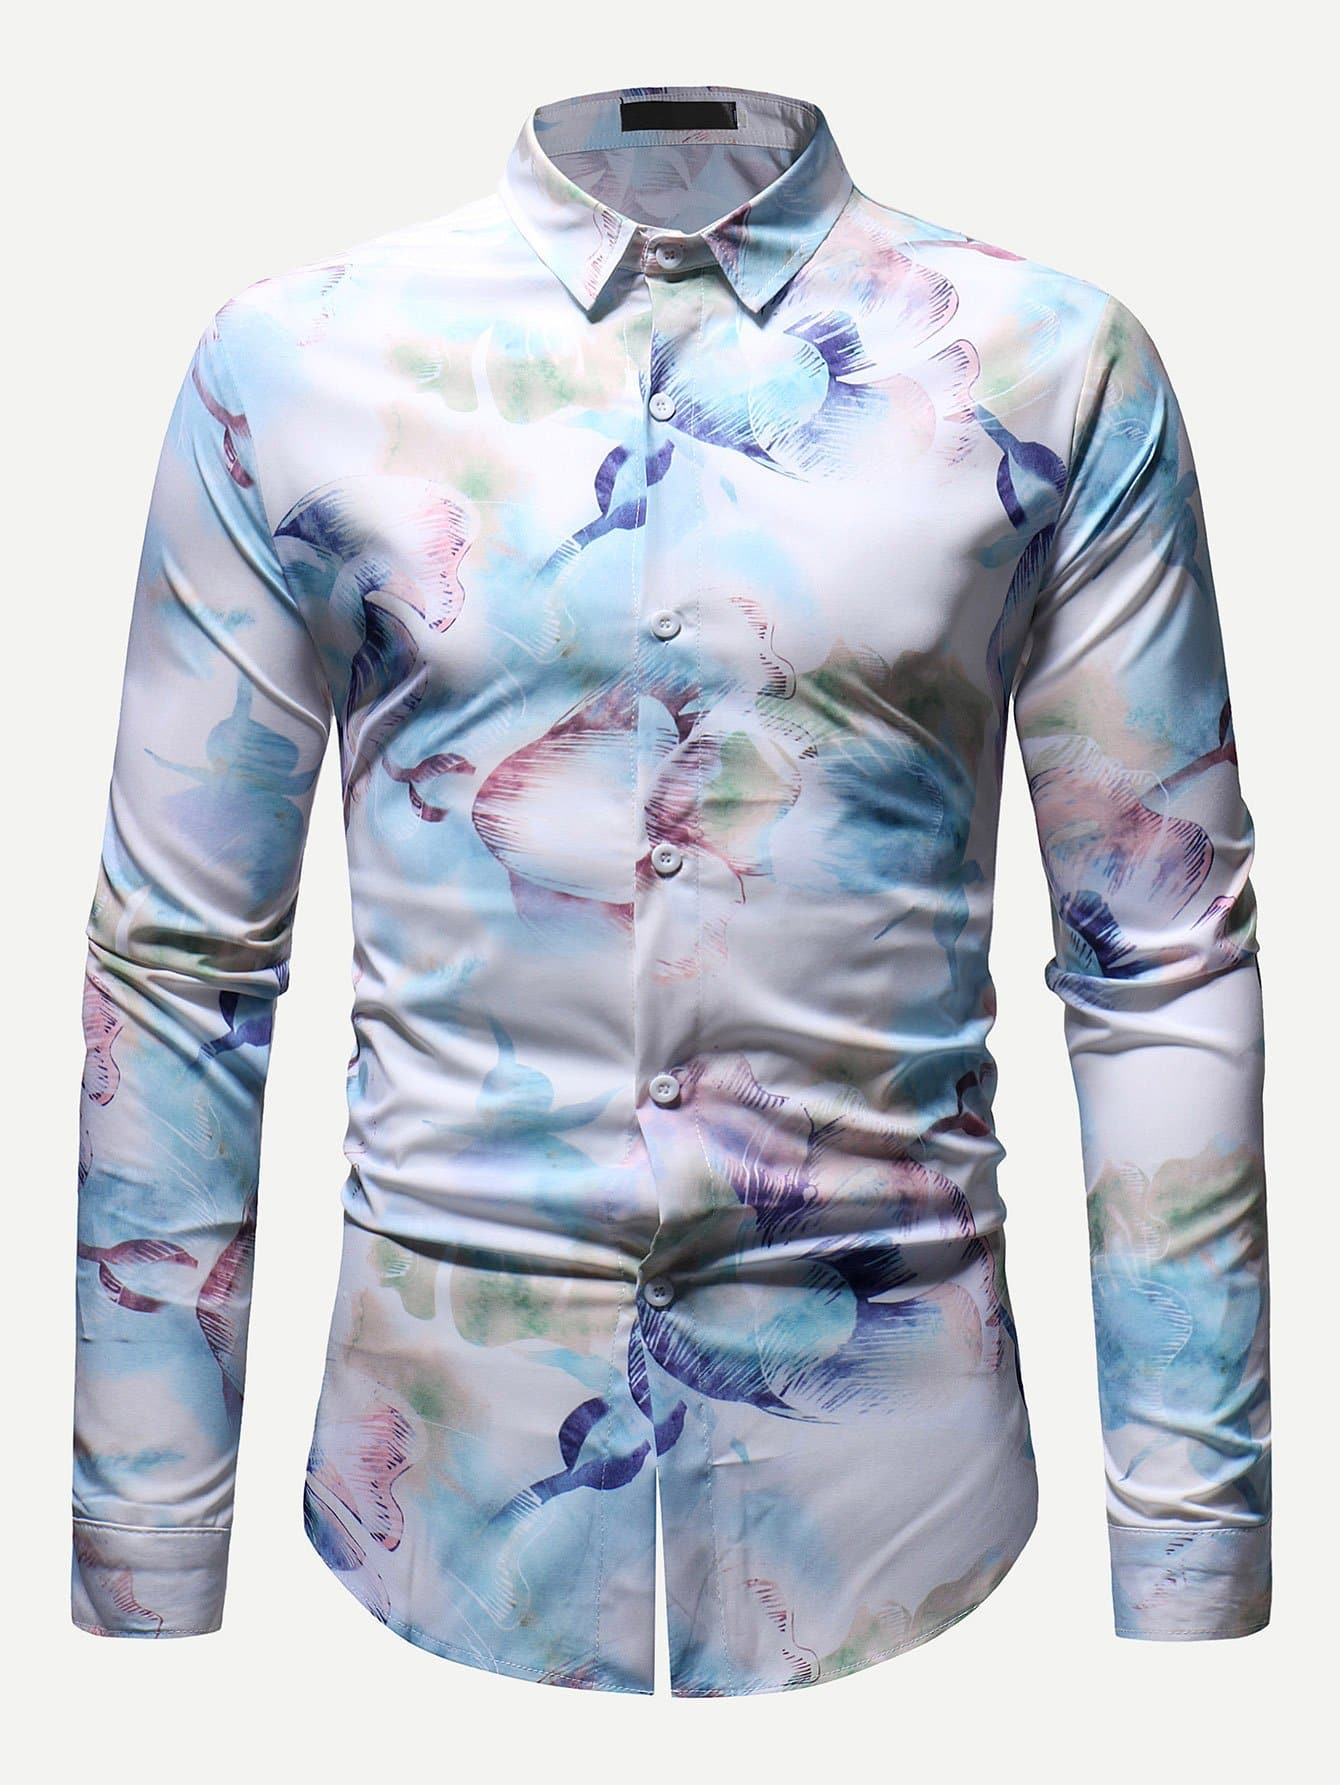 Men 3D Abstract Print Shirt Men 3D Abstract Print Shirt